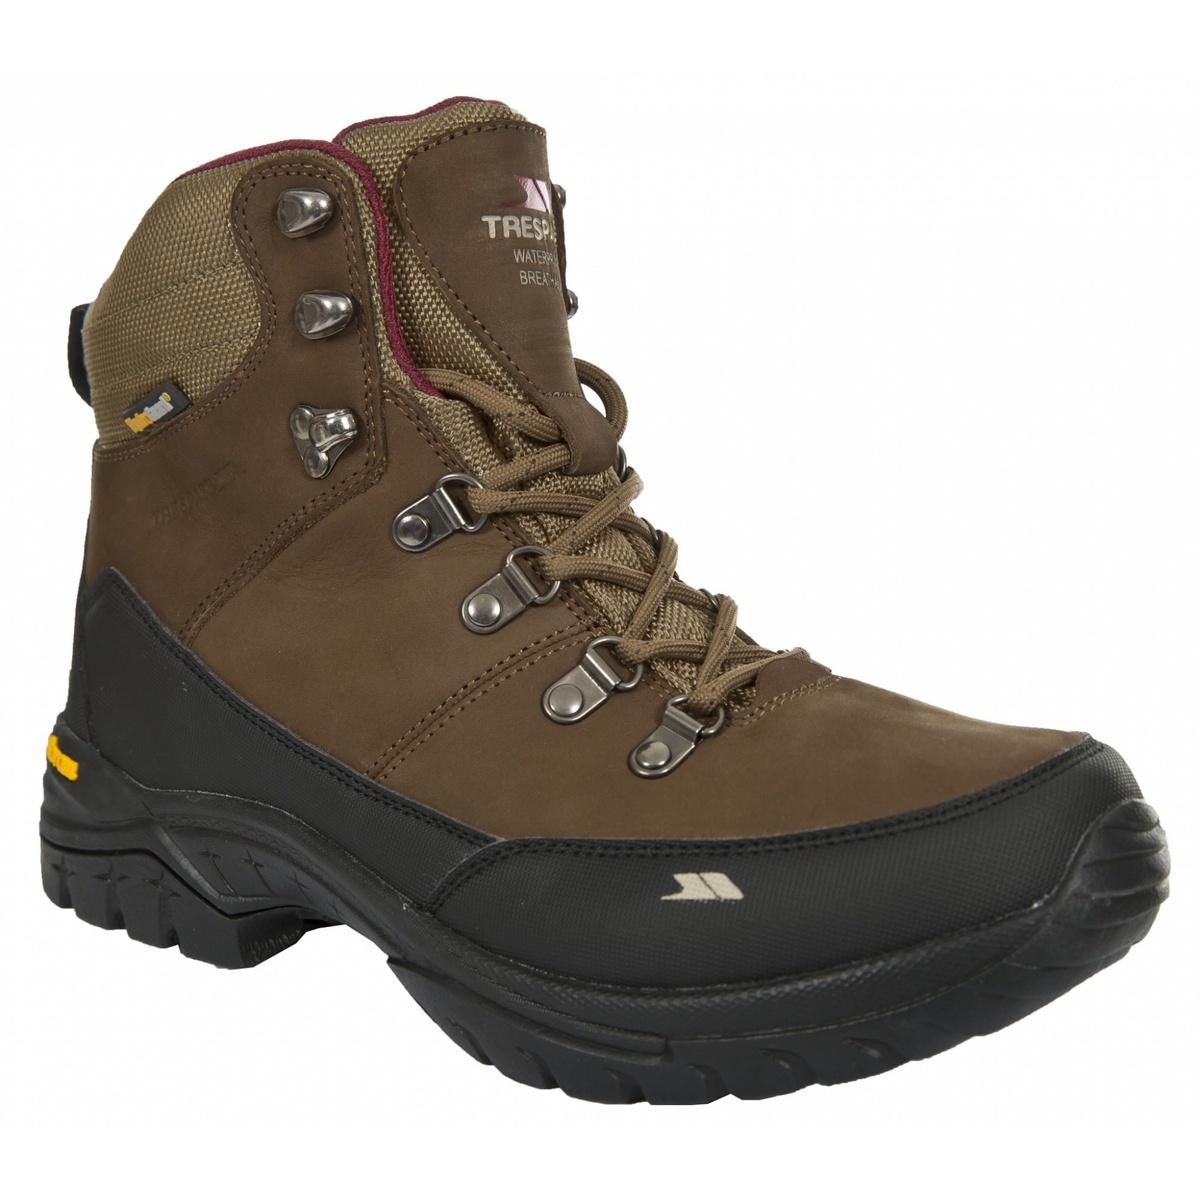 (トレスパス) Trespass レディース Kenter ミドルカット 防水 ハイキングブーツ 婦人靴 アウトドアシューズ 女性用 【海外直送】